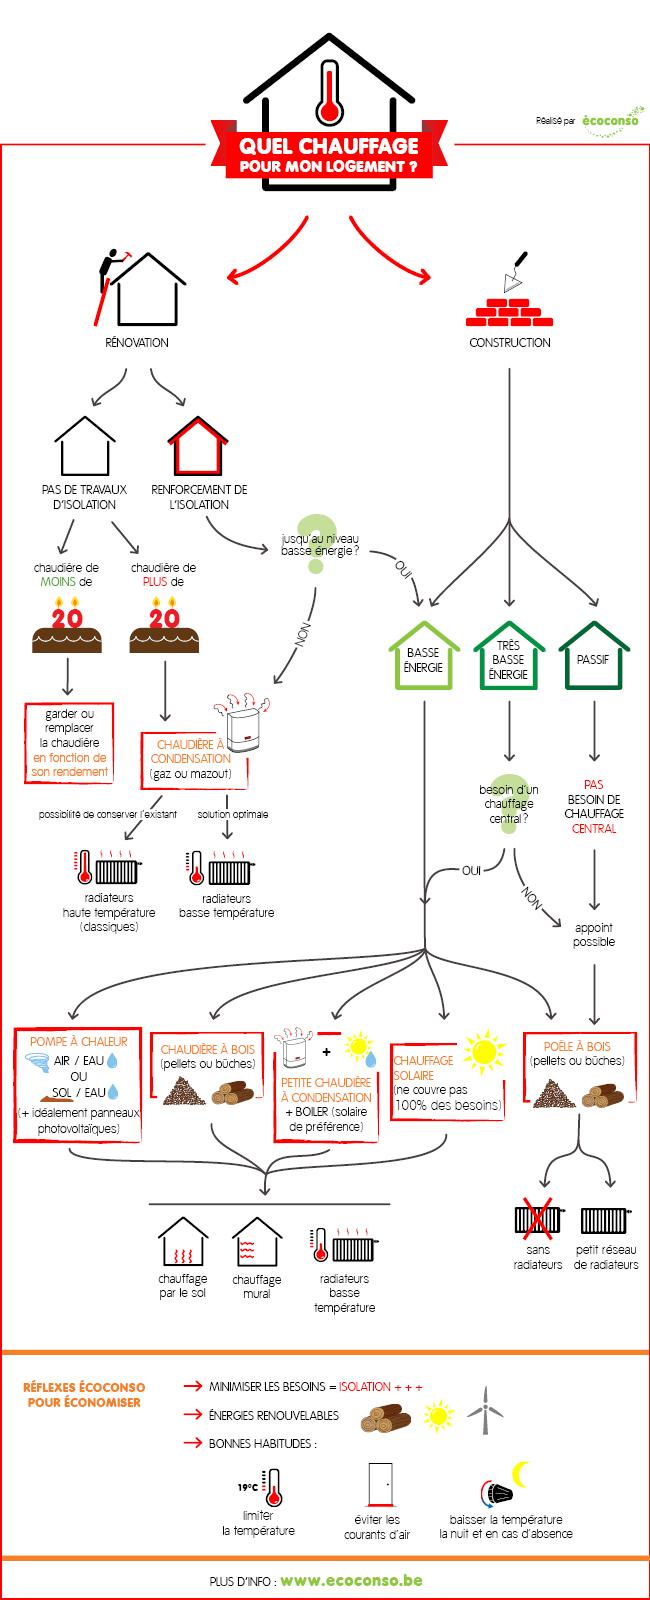 Choisir un chauffage pour mon logement : infographie